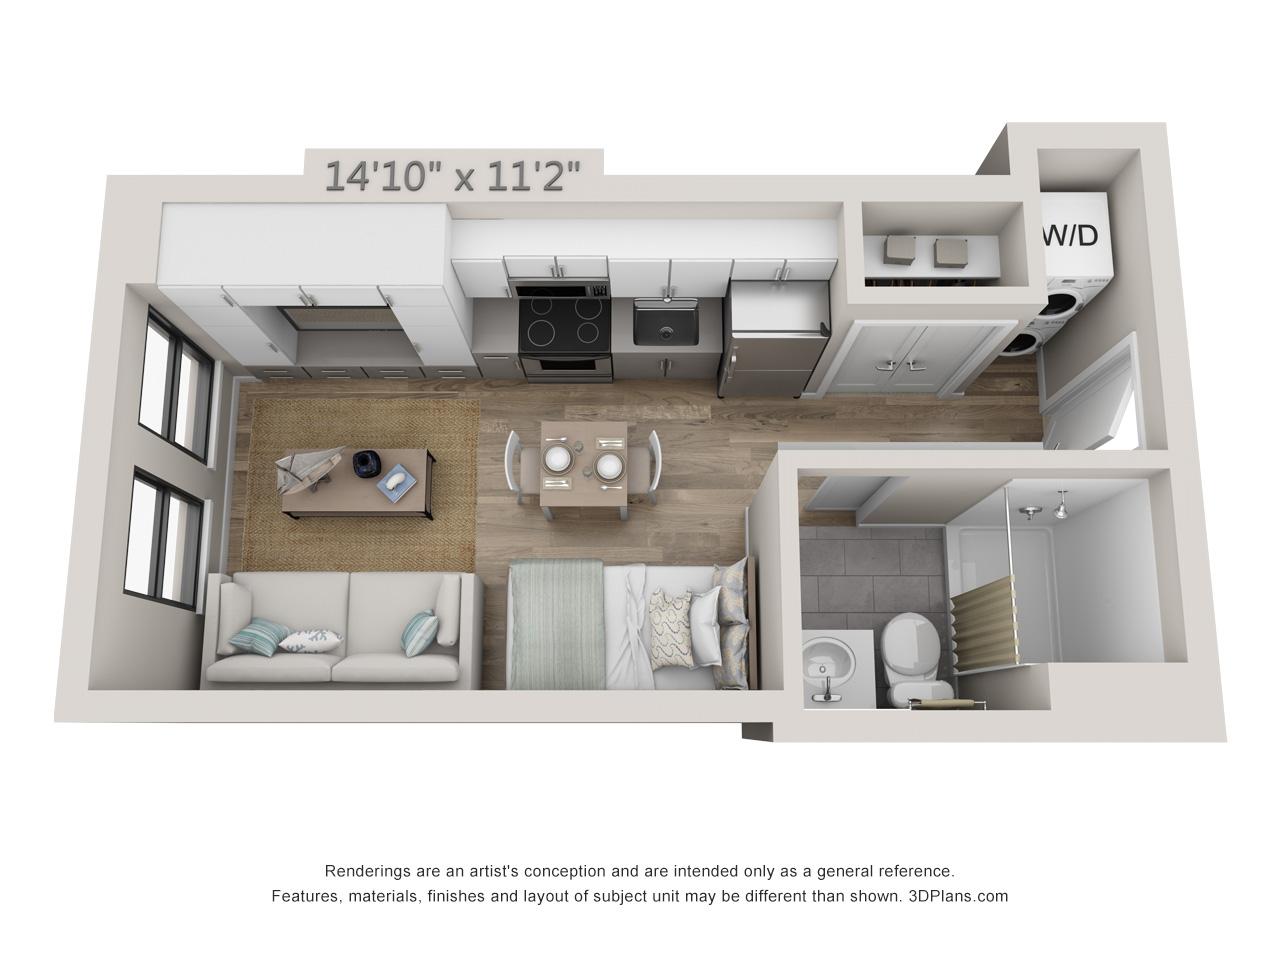 apartments in Center City philadelphia - Studio Apartment